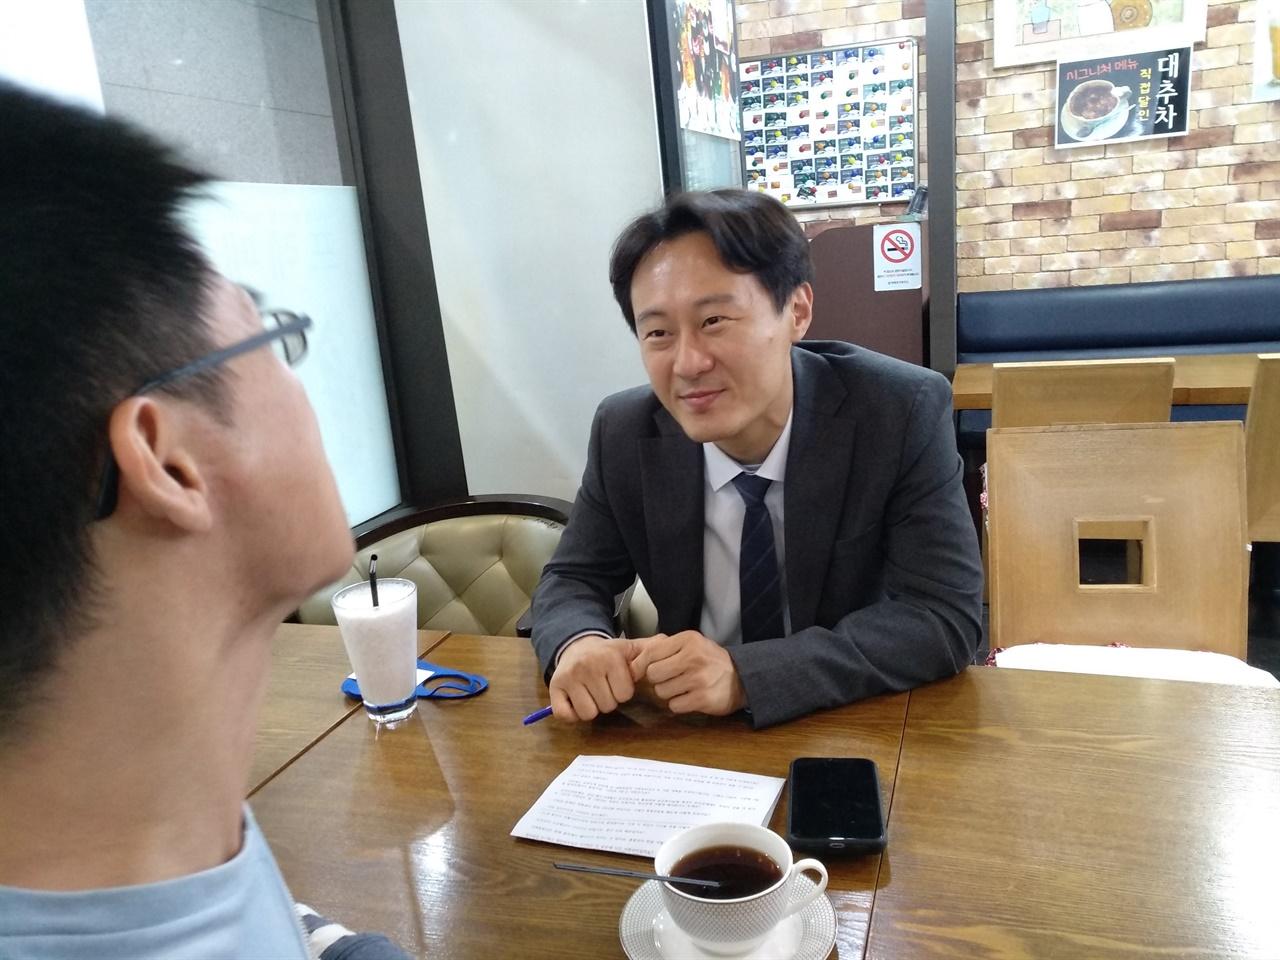 이탄희 경기 용인정 더불어민주당 당선인